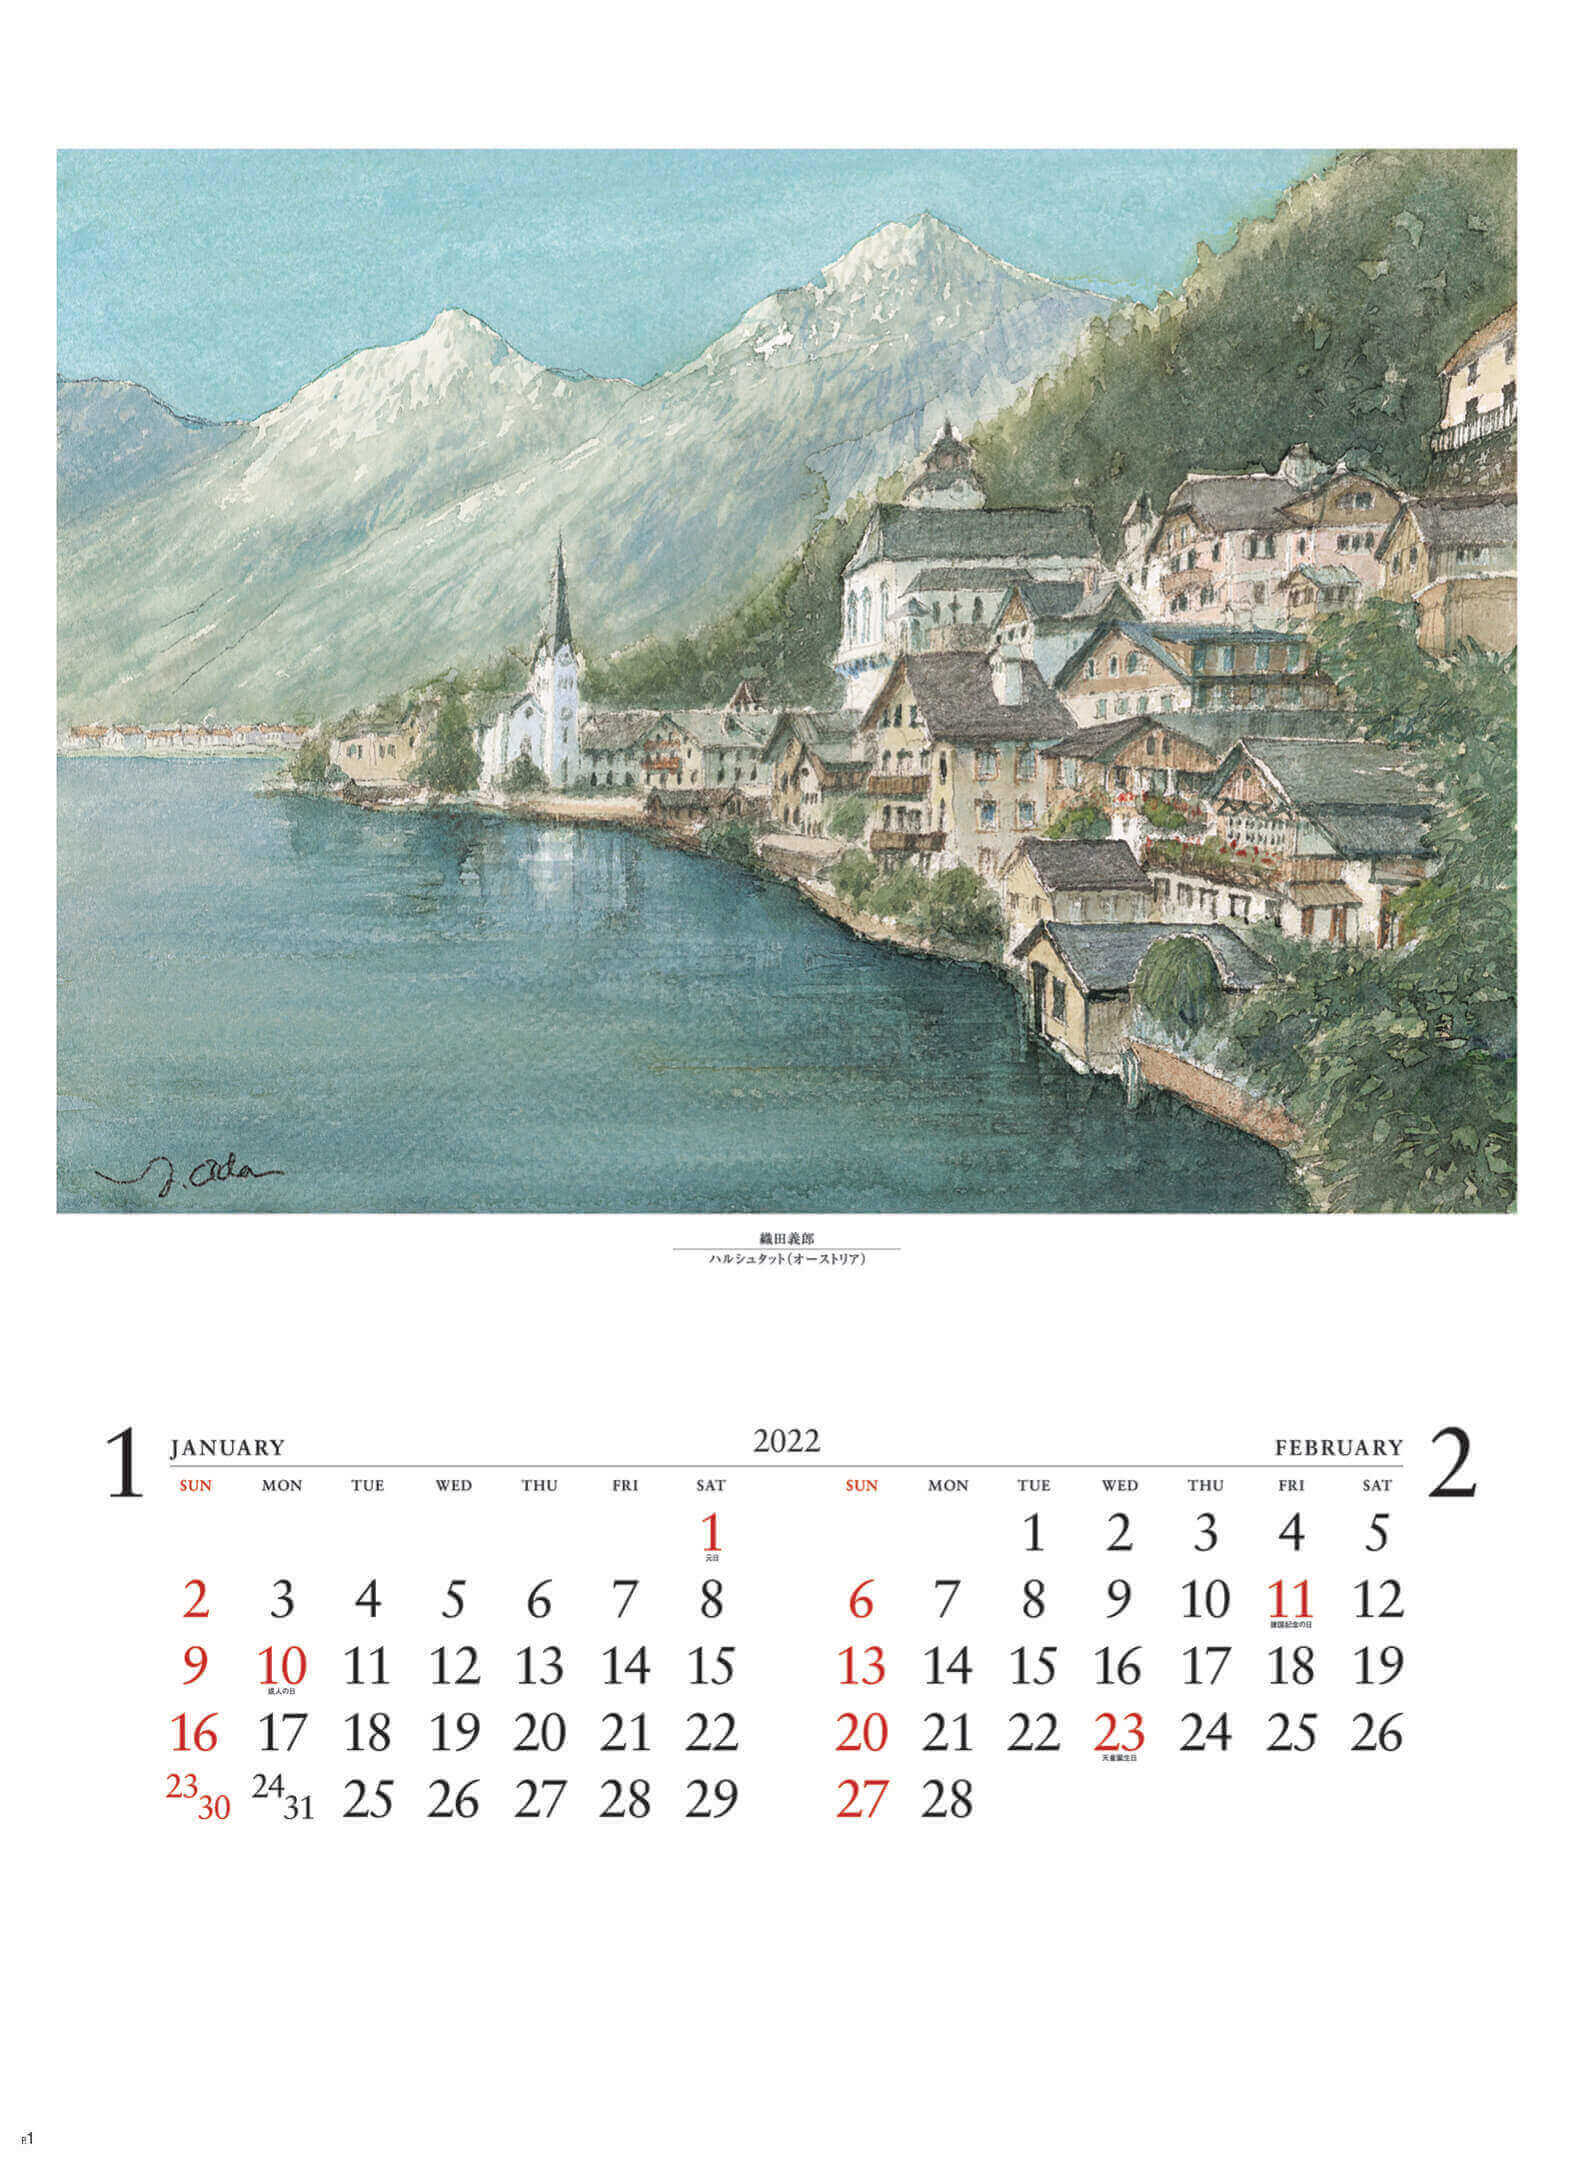 1-2月 ハルシュタット オーストリア ヨーロッパ散歩道 織田義郎 2022年カレンダーの画像